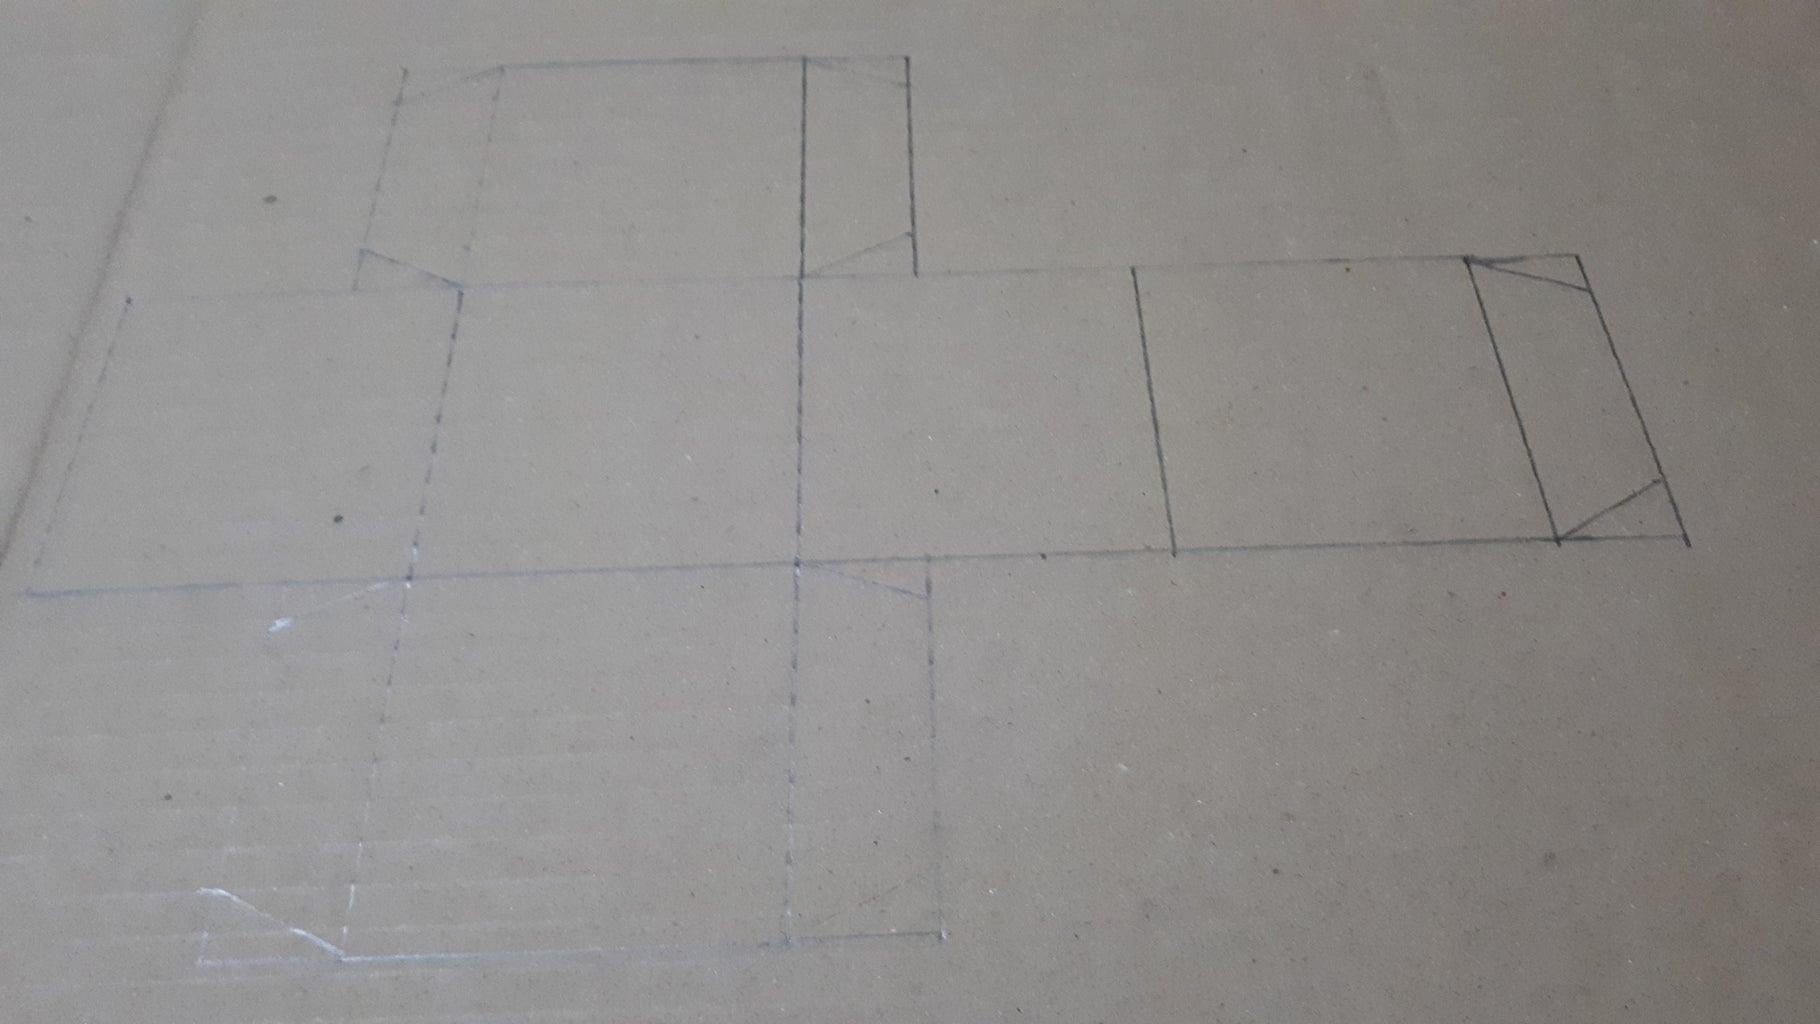 Make Square Box 3 Inch With Fill Boards